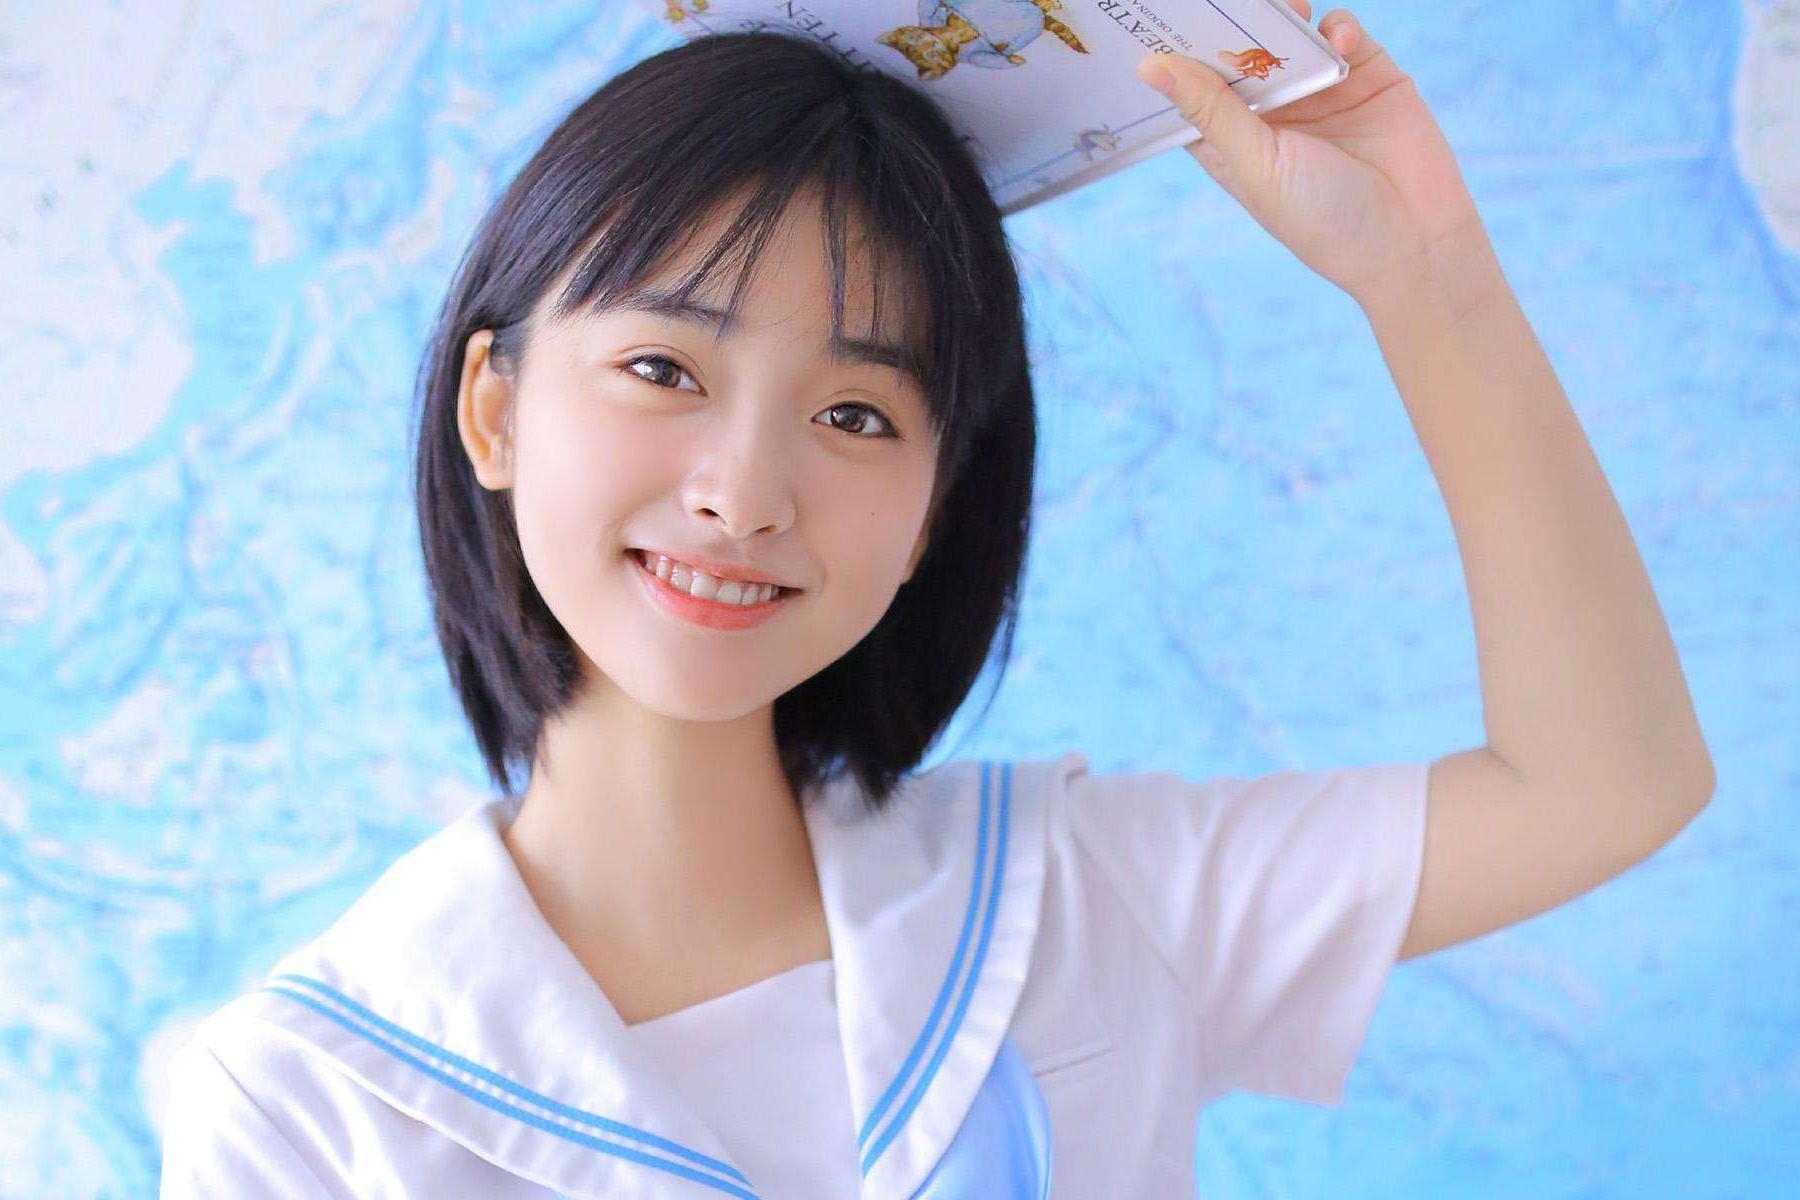 沈月最新造型惊艳十足,却被质疑是模仿杨丞琳的妆容?